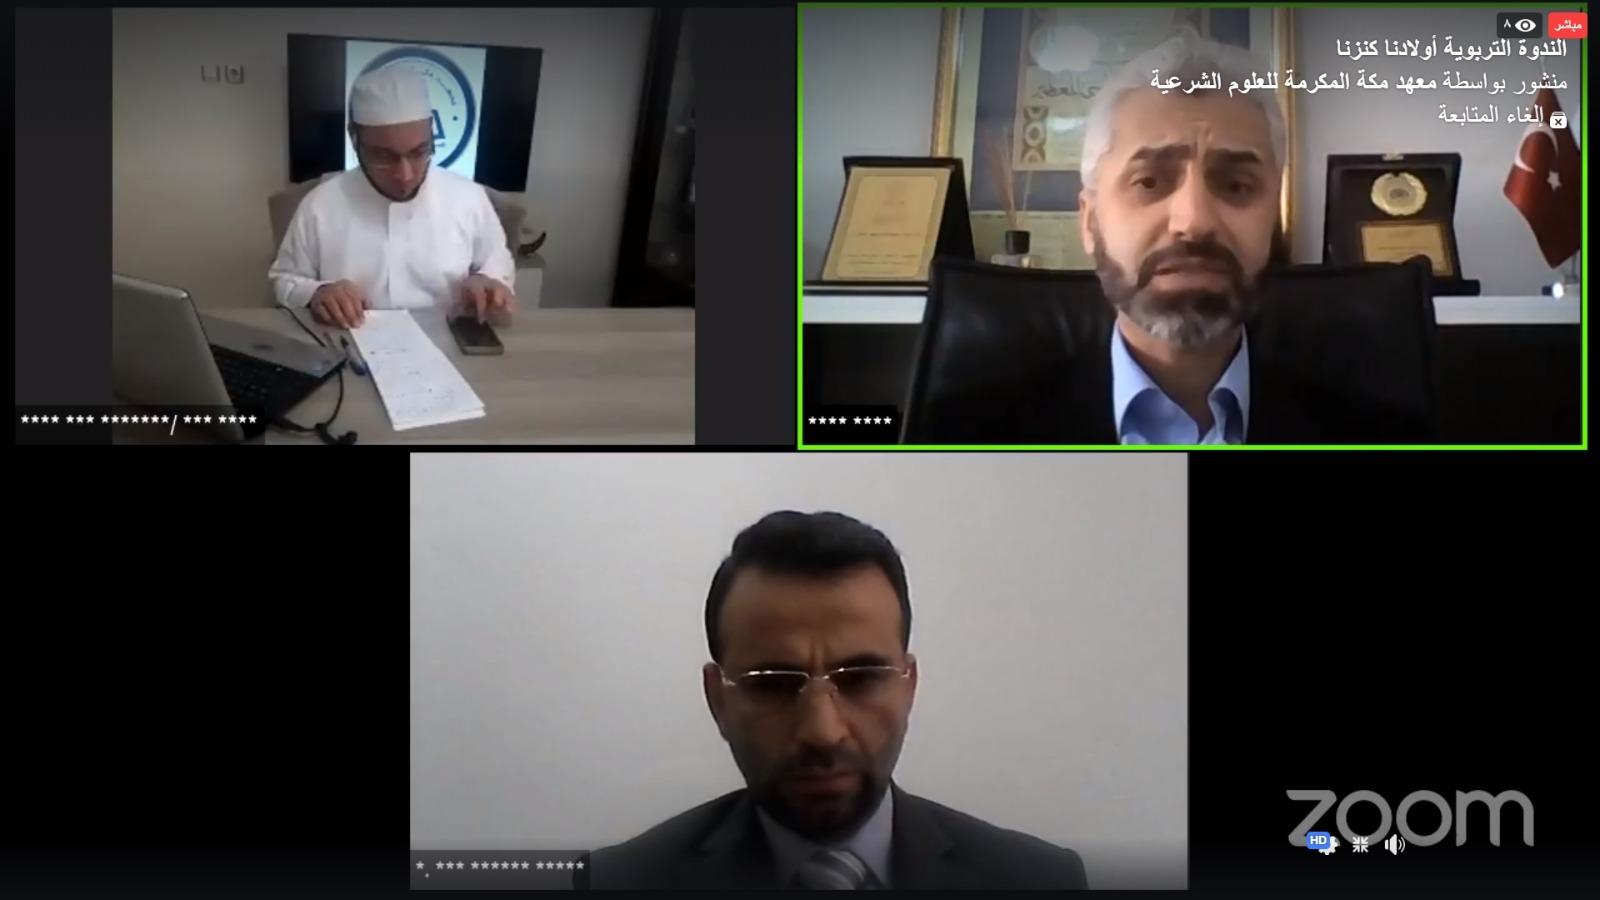 الفريق الطلابي في معهد مكة المكرمة للعلوم الشرعية يقيم ندوة تربوية بعنوان: 《 أولادُنا كنزُنا 》